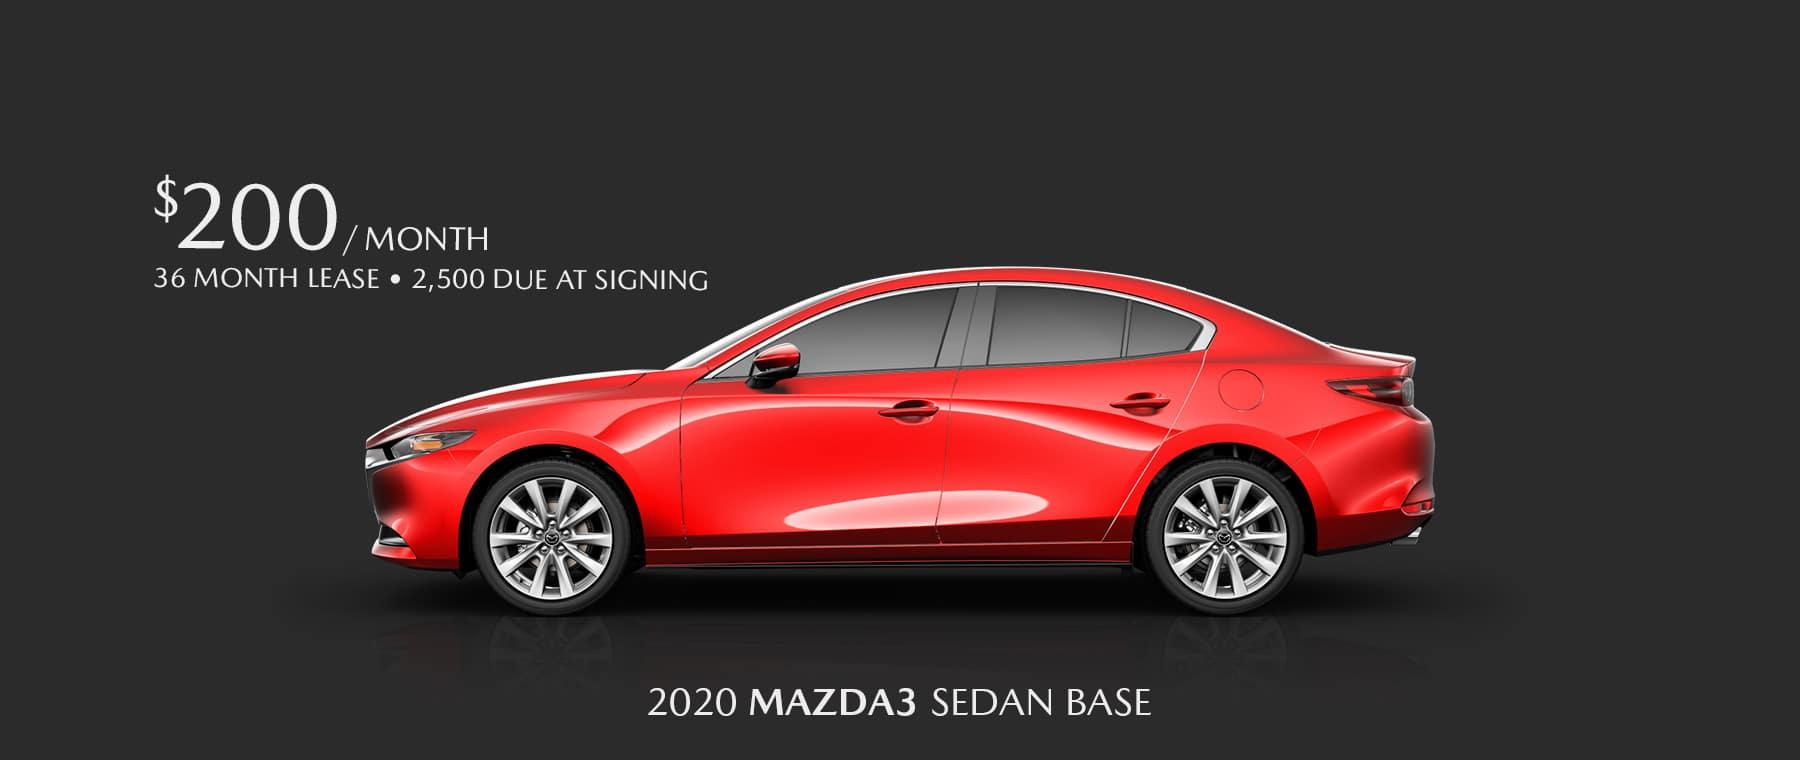 Mazda_Mazda3_200MO_1800x760